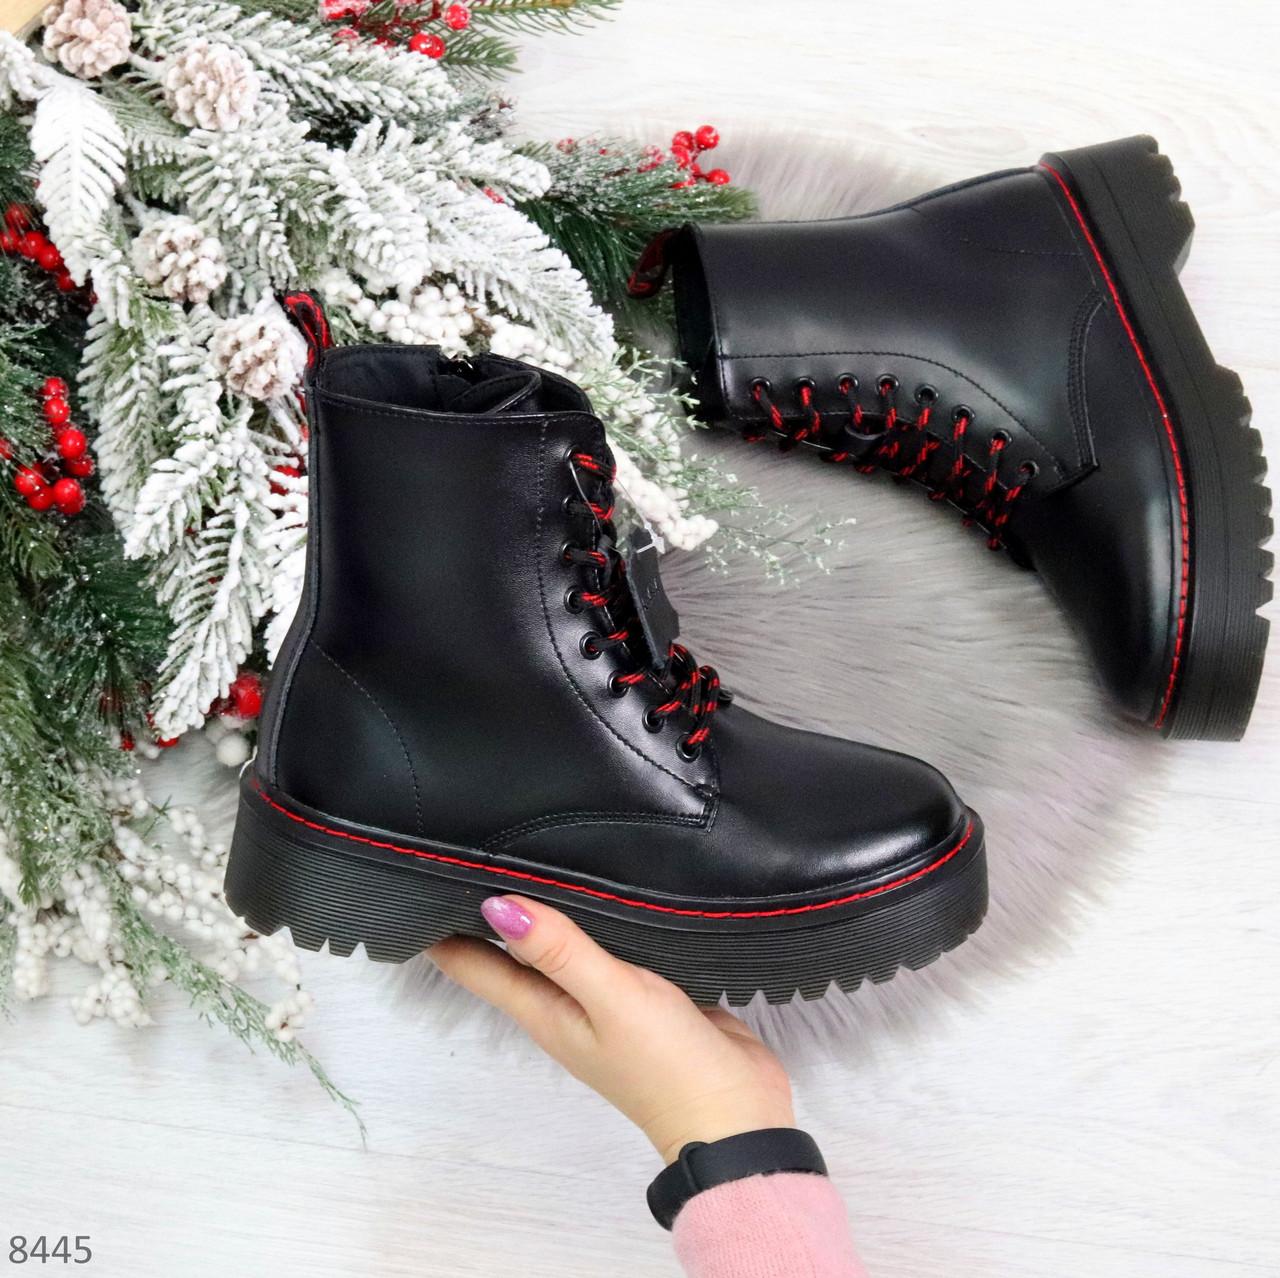 Стильные теплые черные женские зимние ботинки натуральная кожа с декором